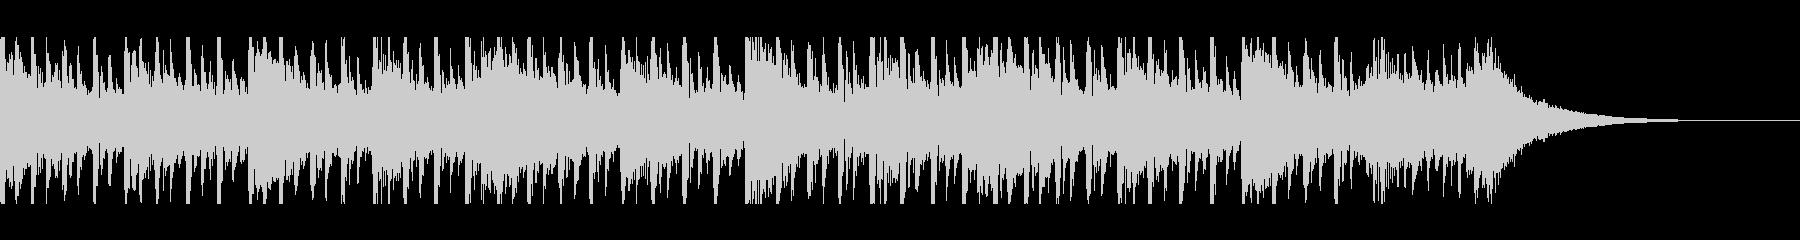 ソフト企業面接(30秒)の未再生の波形